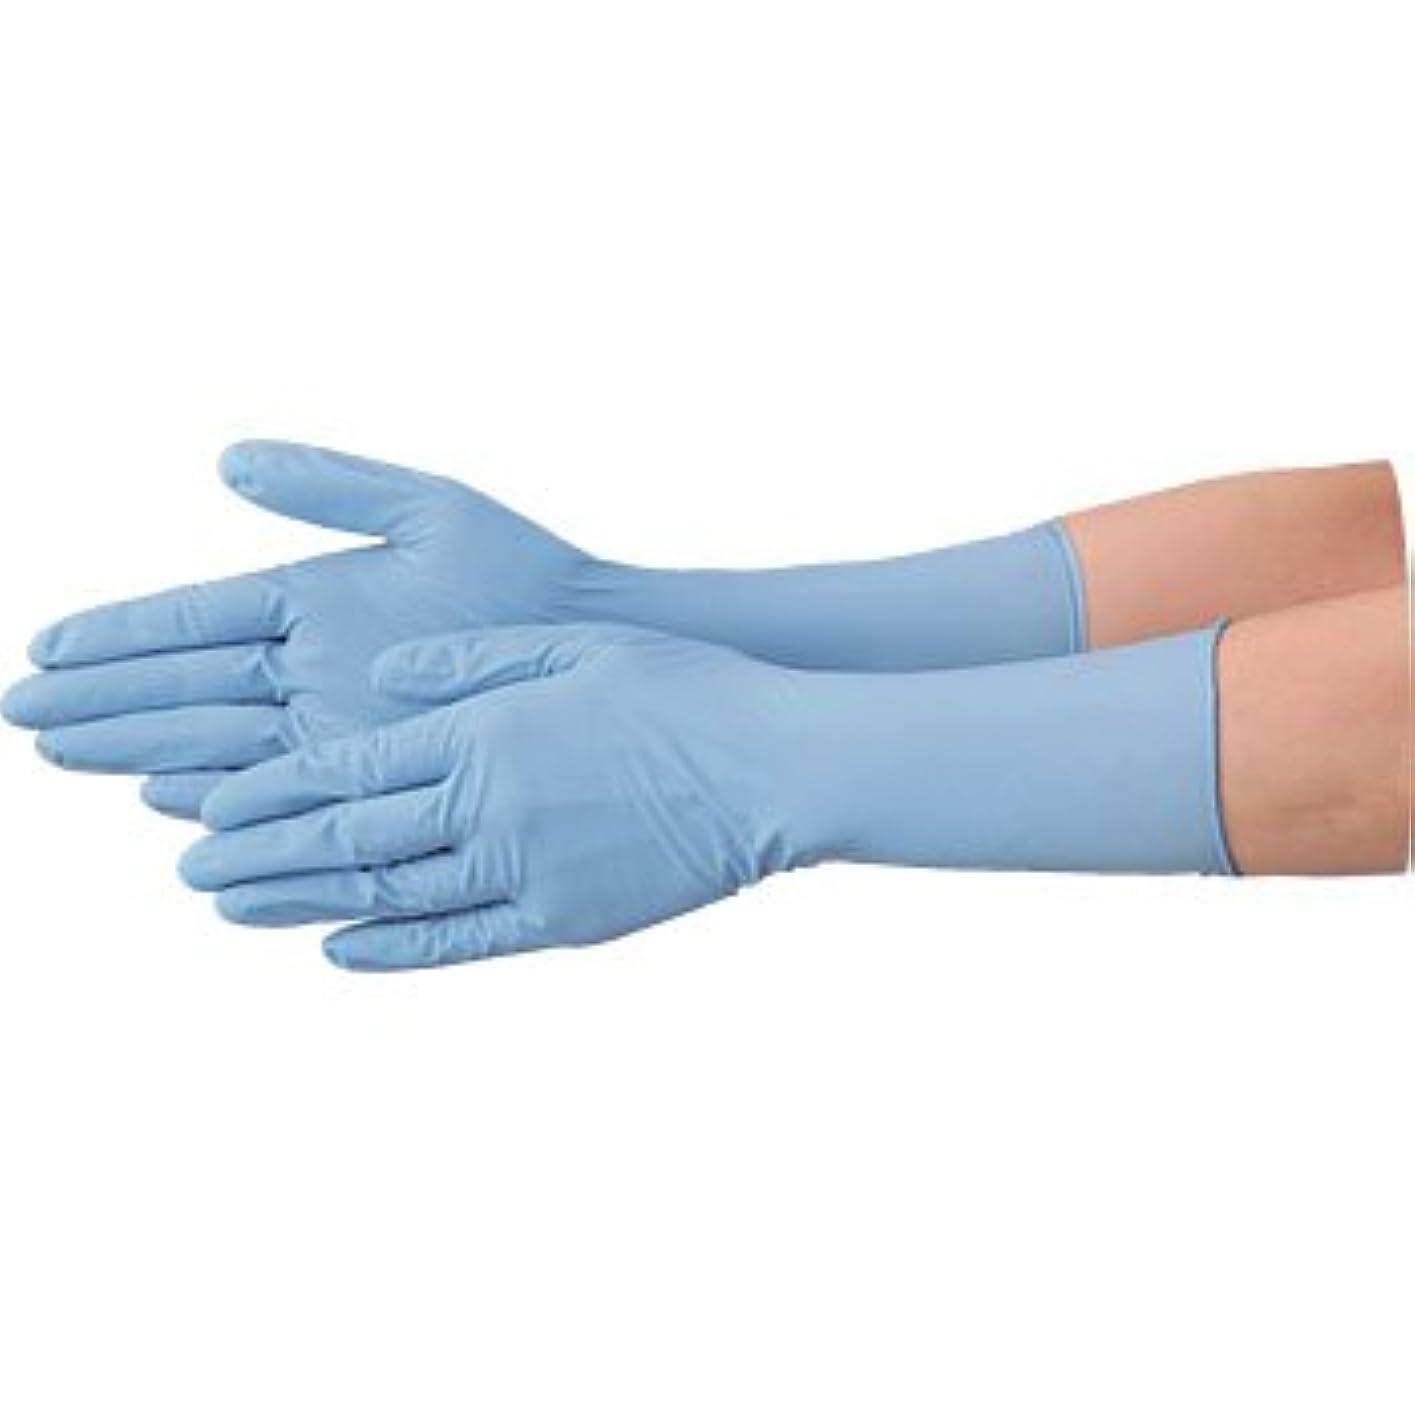 準拠祖先適性使い捨て 手袋 エブノ 528 ニトリル ロング手袋 パウダーフリー 全長29cm ブルー Sサイズ 2ケース(100枚×40箱)